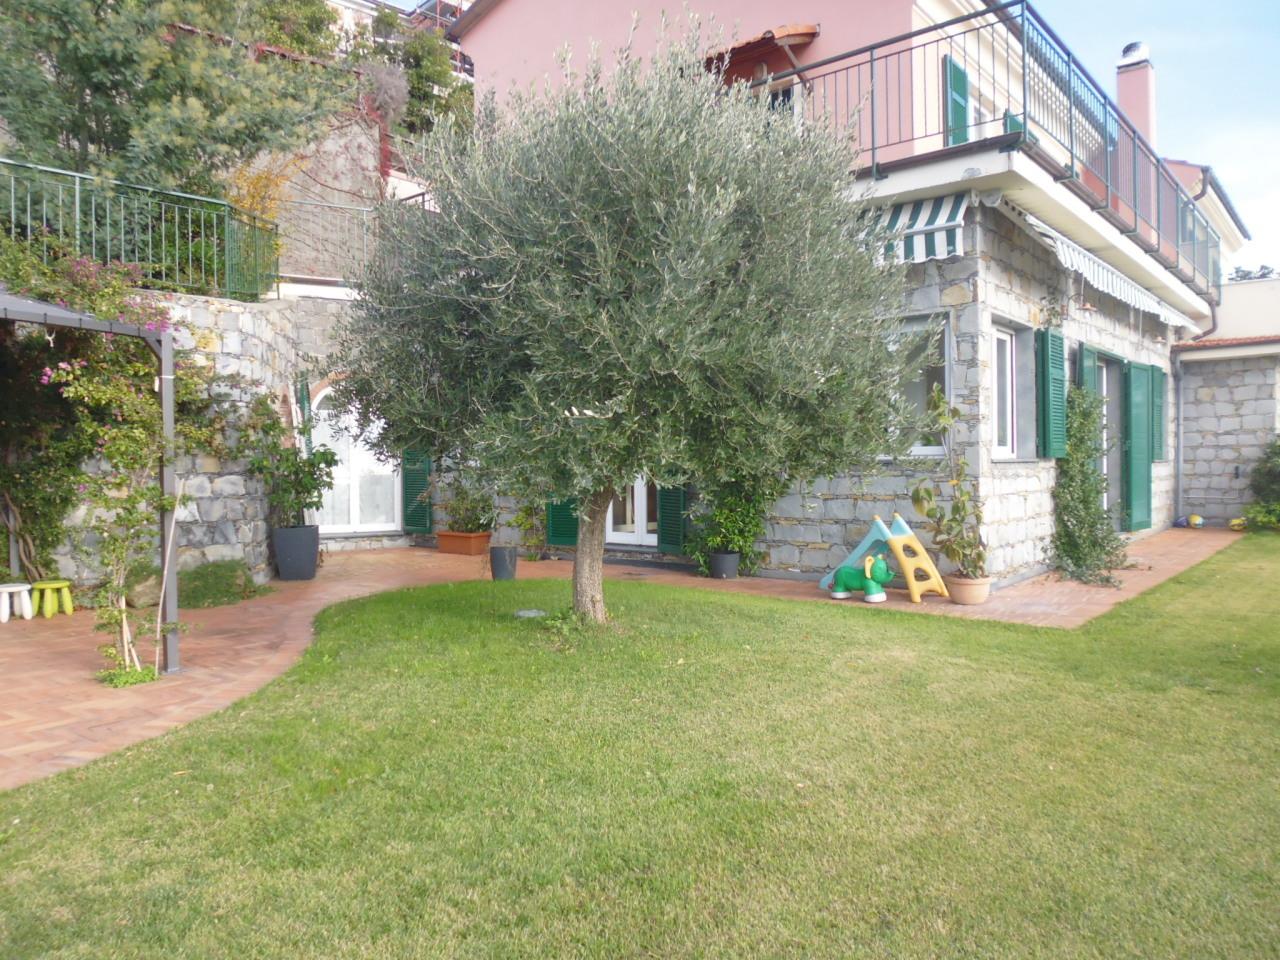 Appartamento in vendita a Casarza Ligure, 6 locali, Trattative riservate | CambioCasa.it